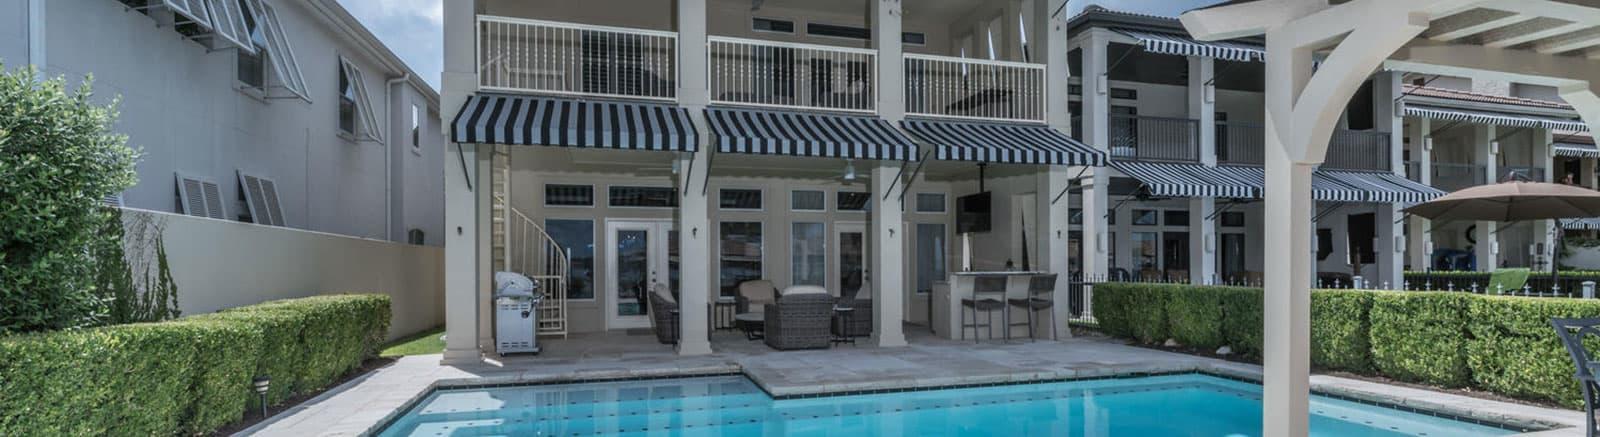 107 Cove East of Horseshoe Bay Resort